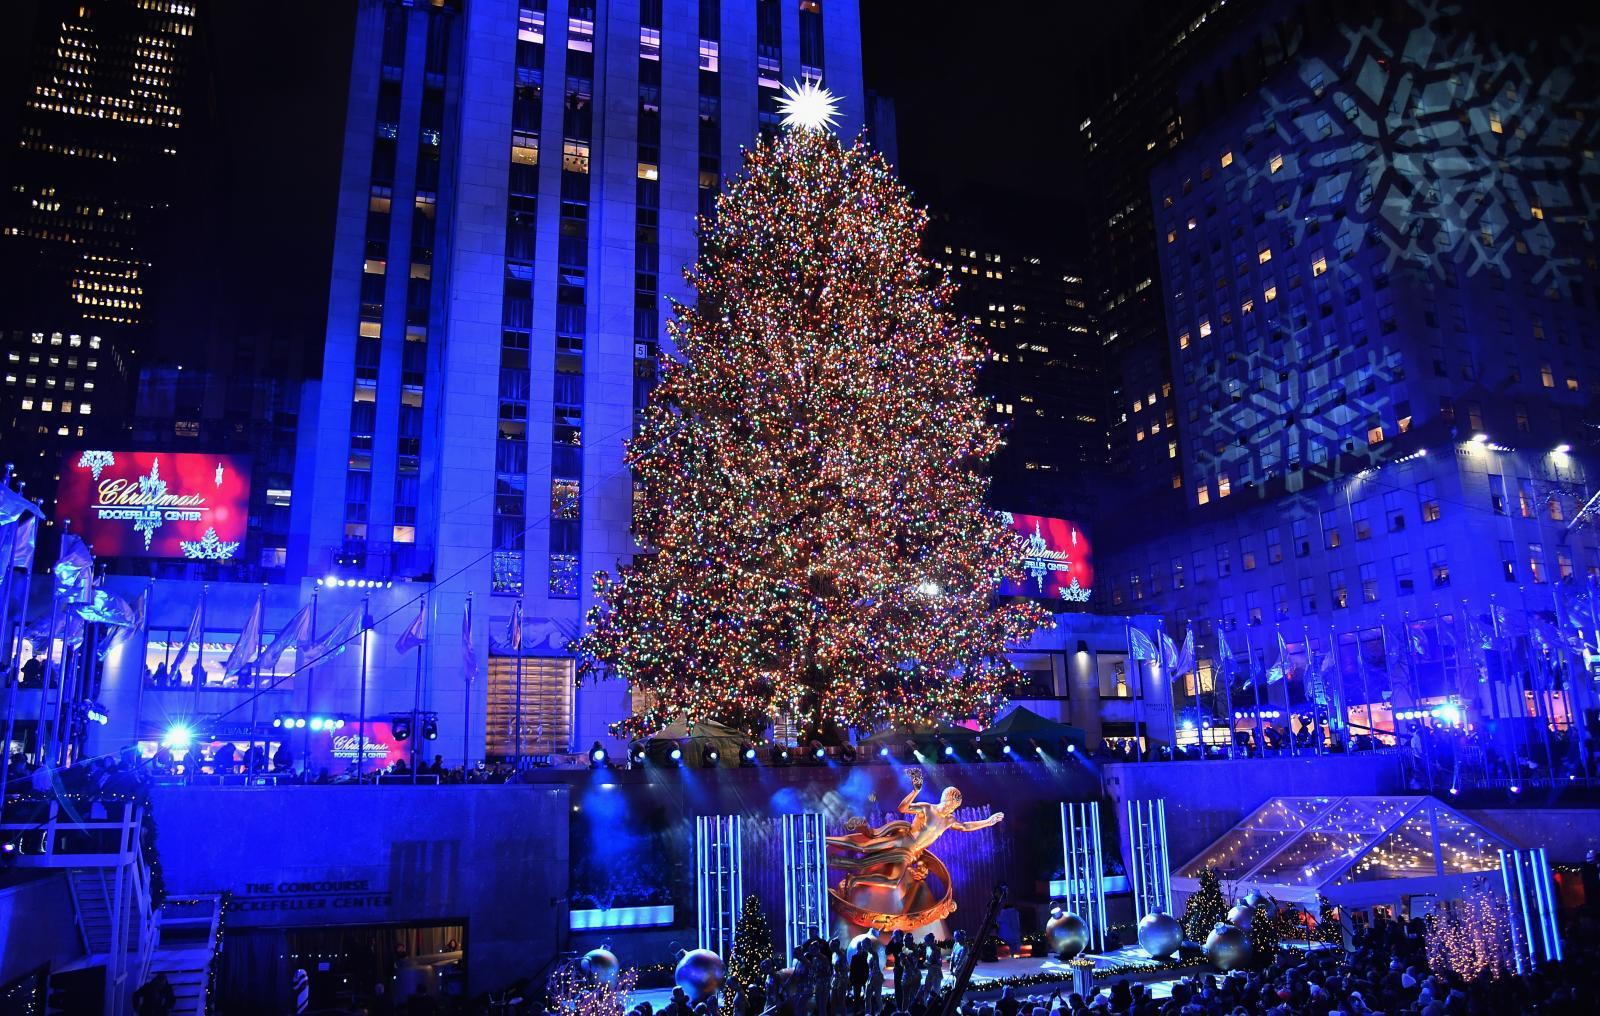 นิวยอร์กเปิดไฟต้นคริสต์มาสร็อกกี้เฟลเลอร์